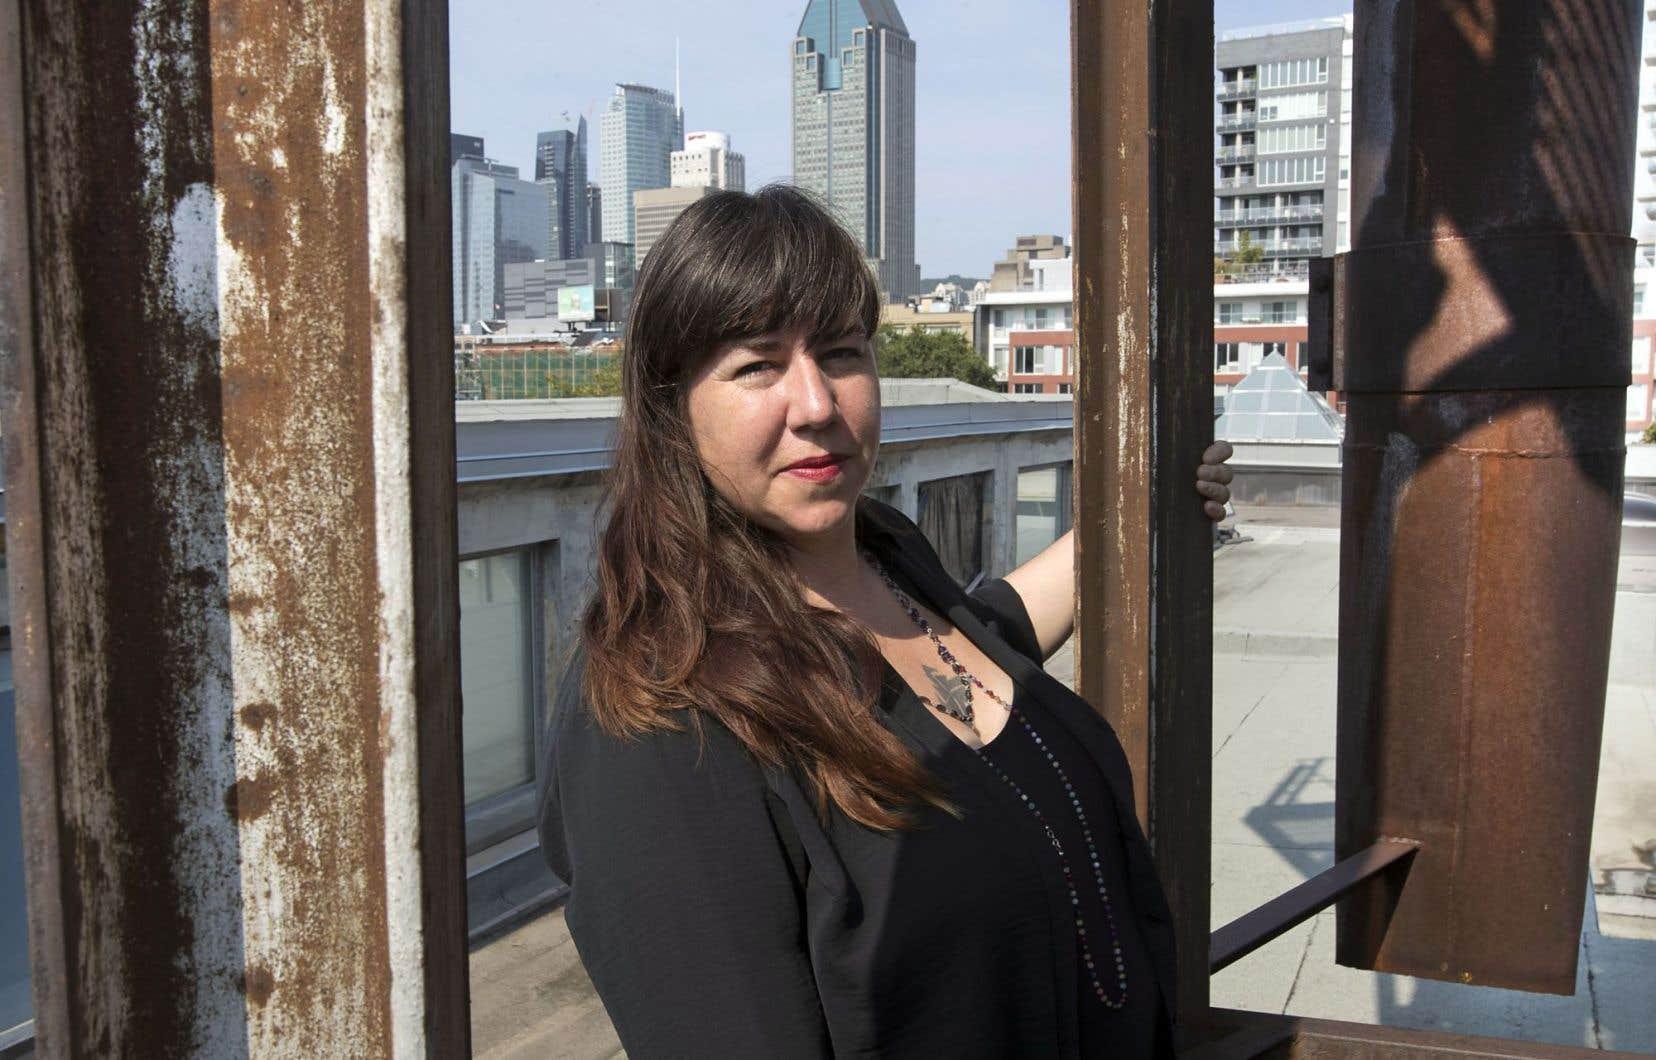 Nadia Myre verra son travail célébré au MBAM dans une exposition comprenant sa plus récente production, «Code Switching». La série réalisée à partir des premières pipes commerciales européennes recadre les échanges culturels entre autochtones et blancs.